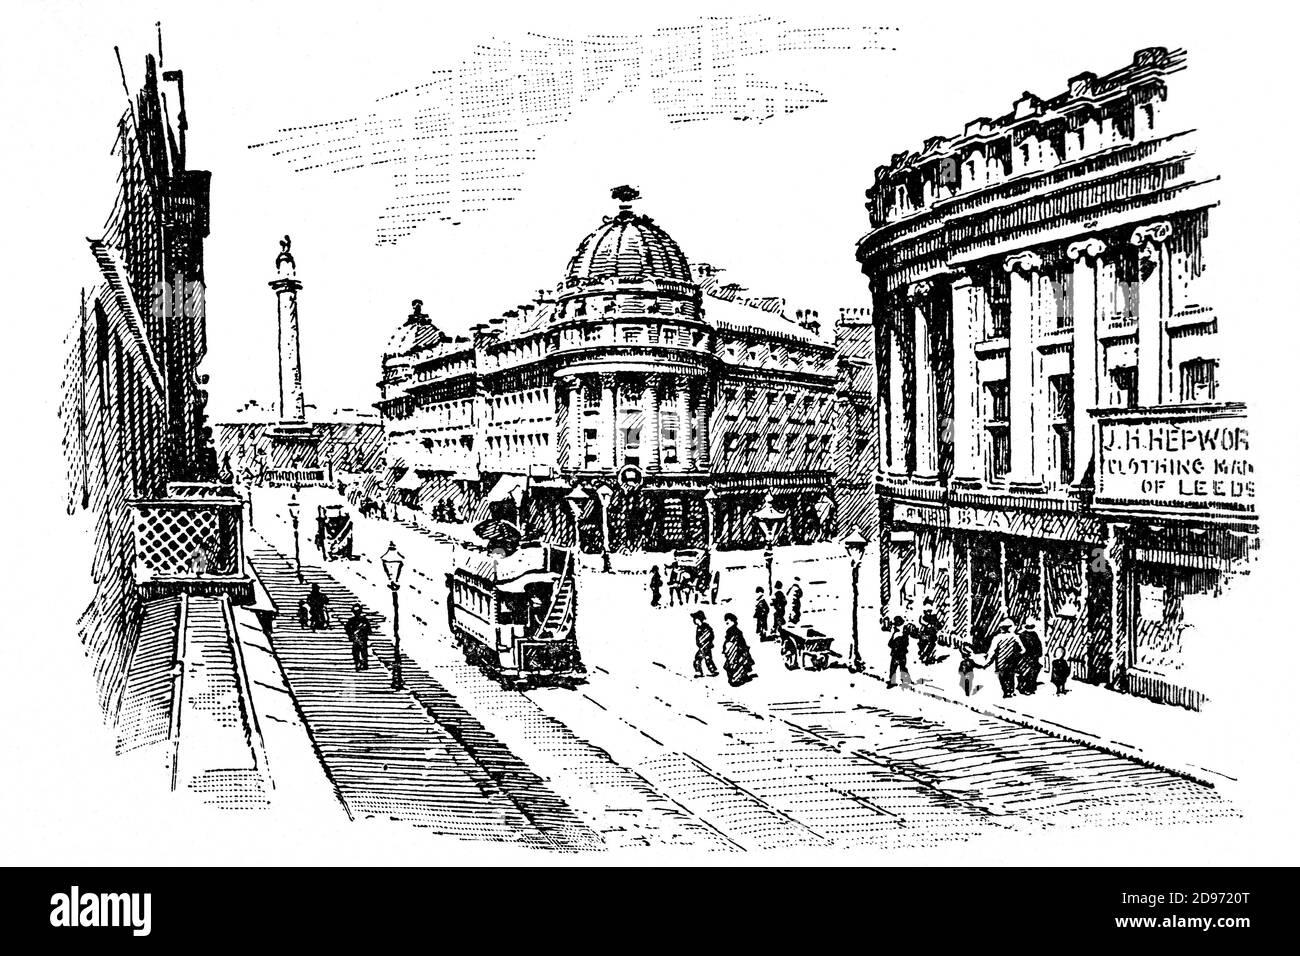 Una vista de finales del siglo 19 de la calle Grainger en el centro de Newcastle-upon-Tyne. El centro de la ciudad fue reconstruido, en su mayoría por tres hombres, John Dobson, un arquitecto, Richard Grainger, un constructor y John Clayton, el empleado de la ciudad. Los tres tienen calles que llevan el nombre de ellos. Foto de stock